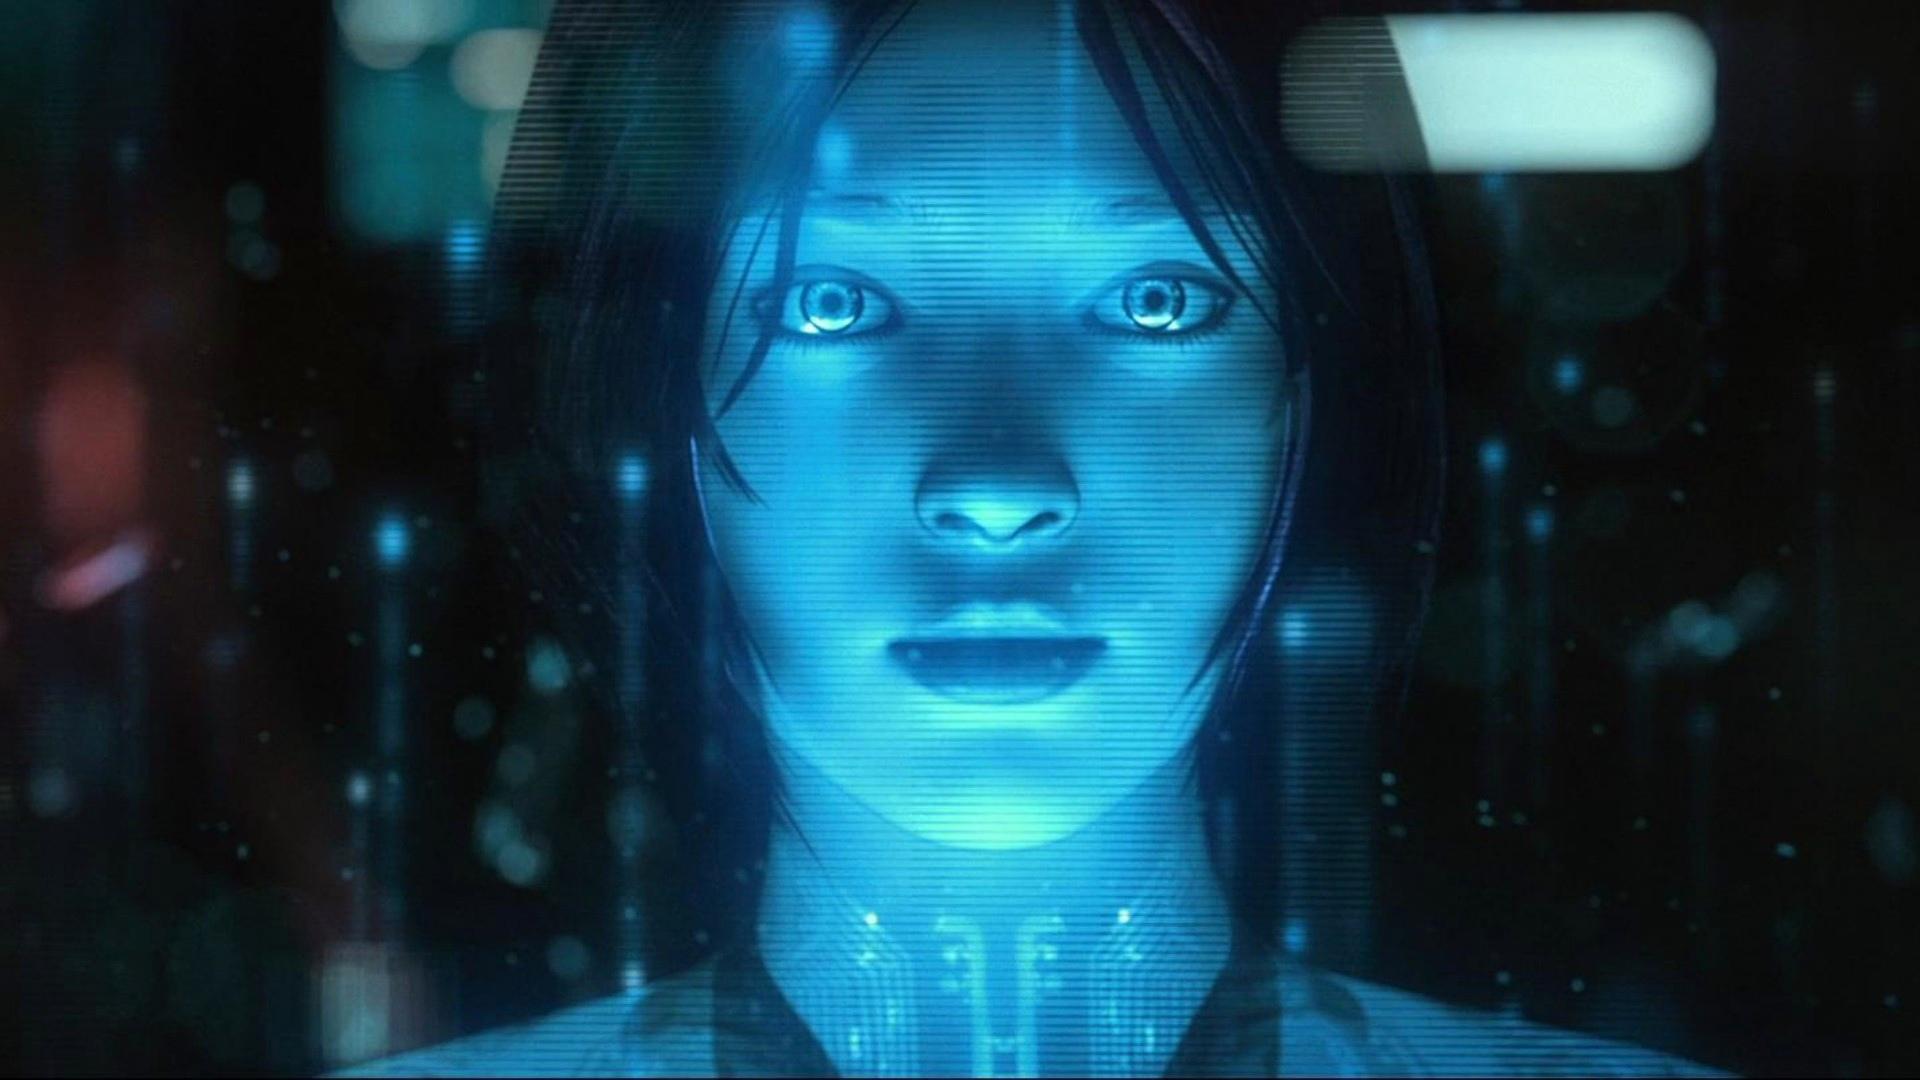 Robot, Episodio 102: Se quedaron cortos en creepyness